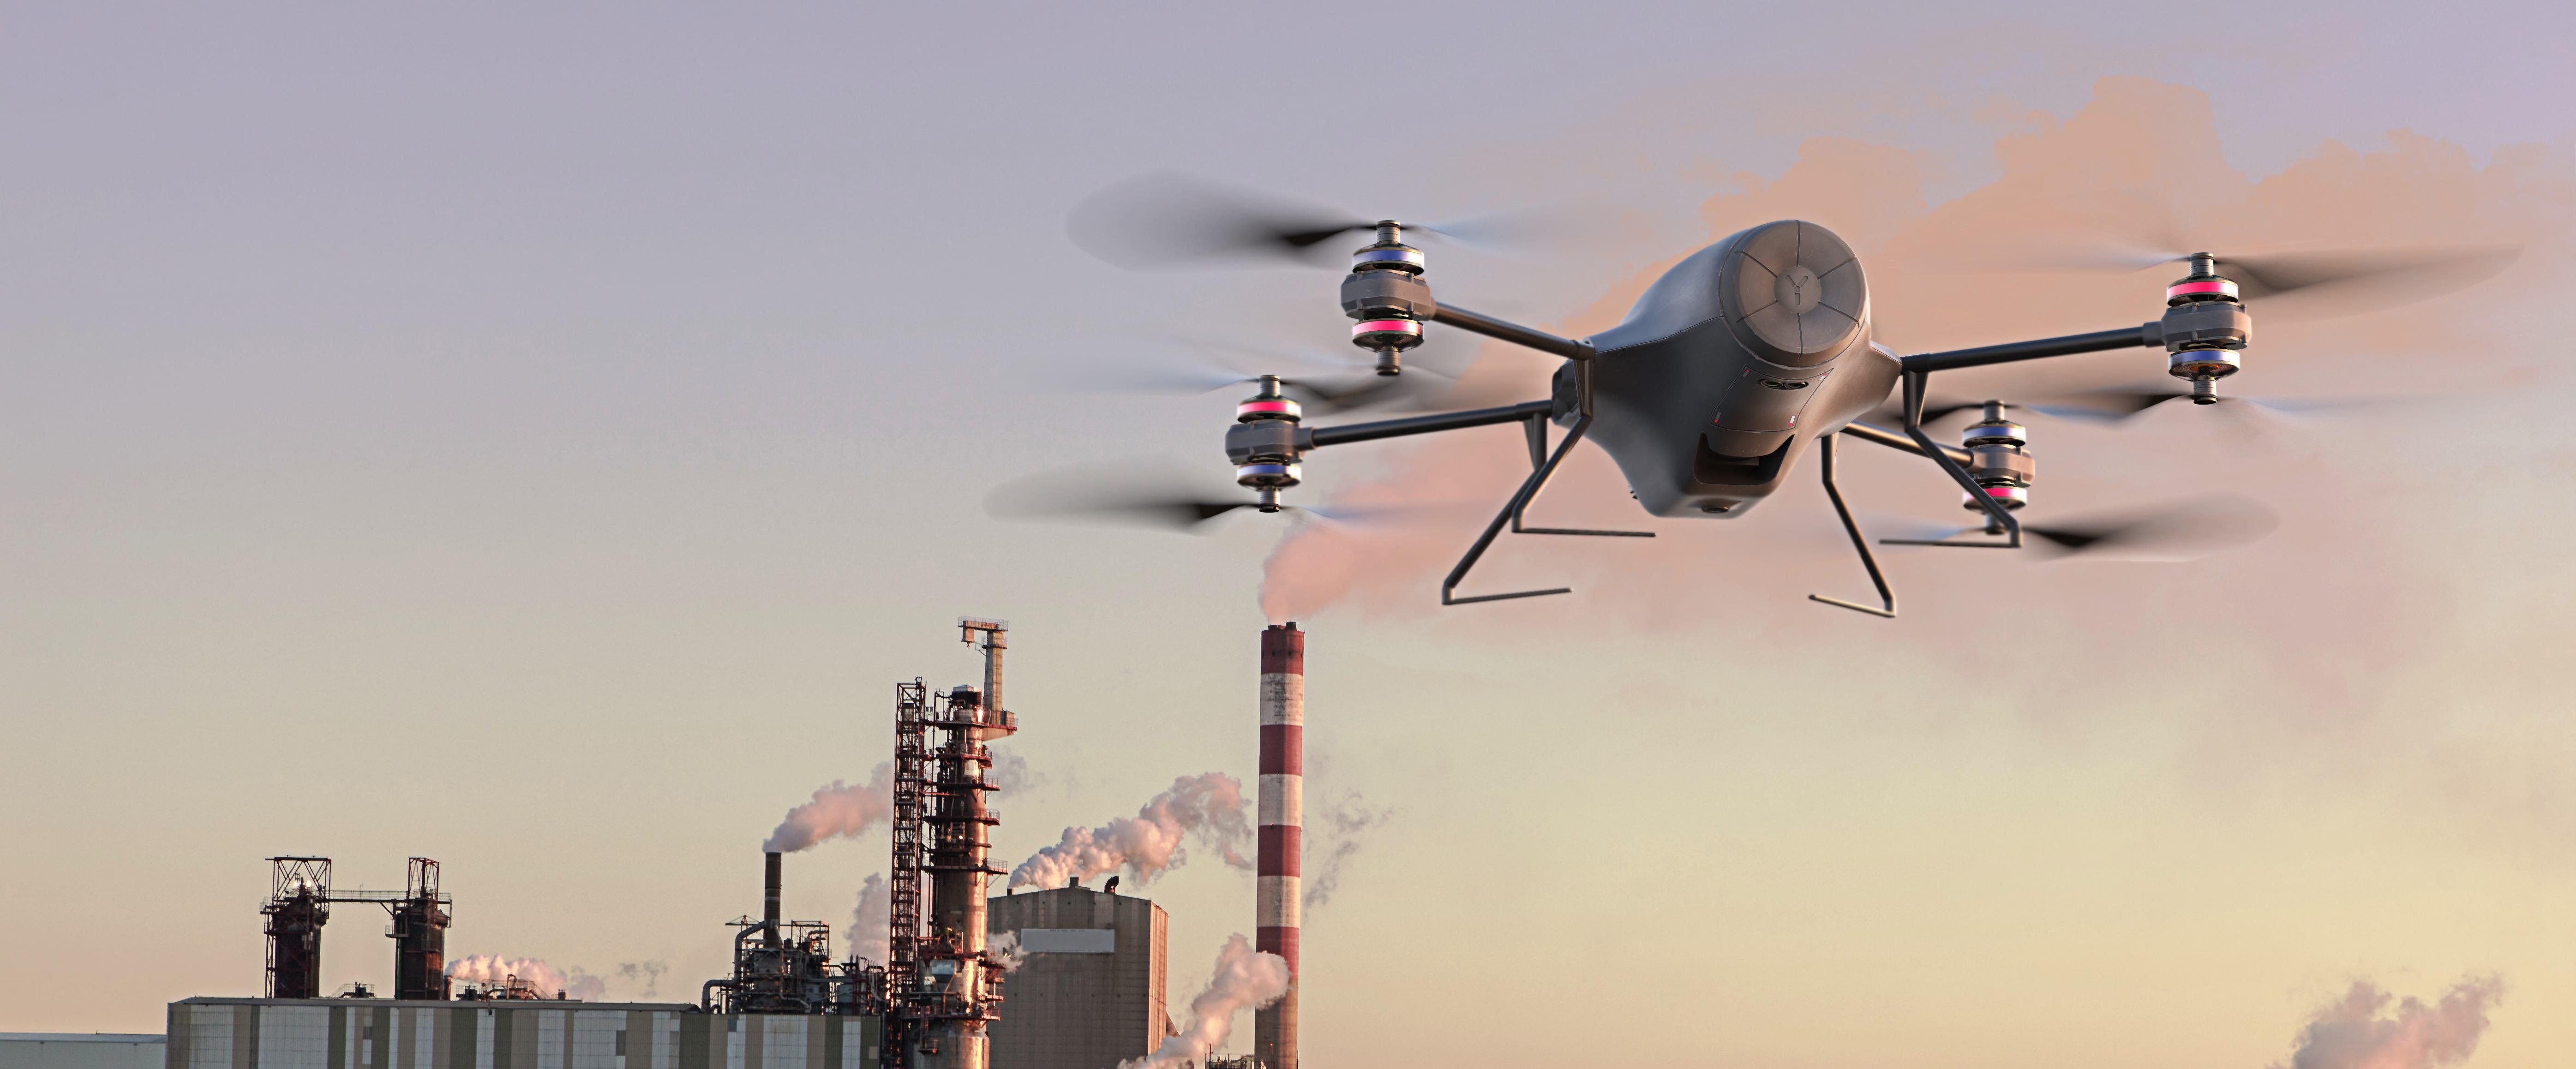 Pourquoi la sécurité privée doit se préparer à l'arrivée des drones – RNMPS